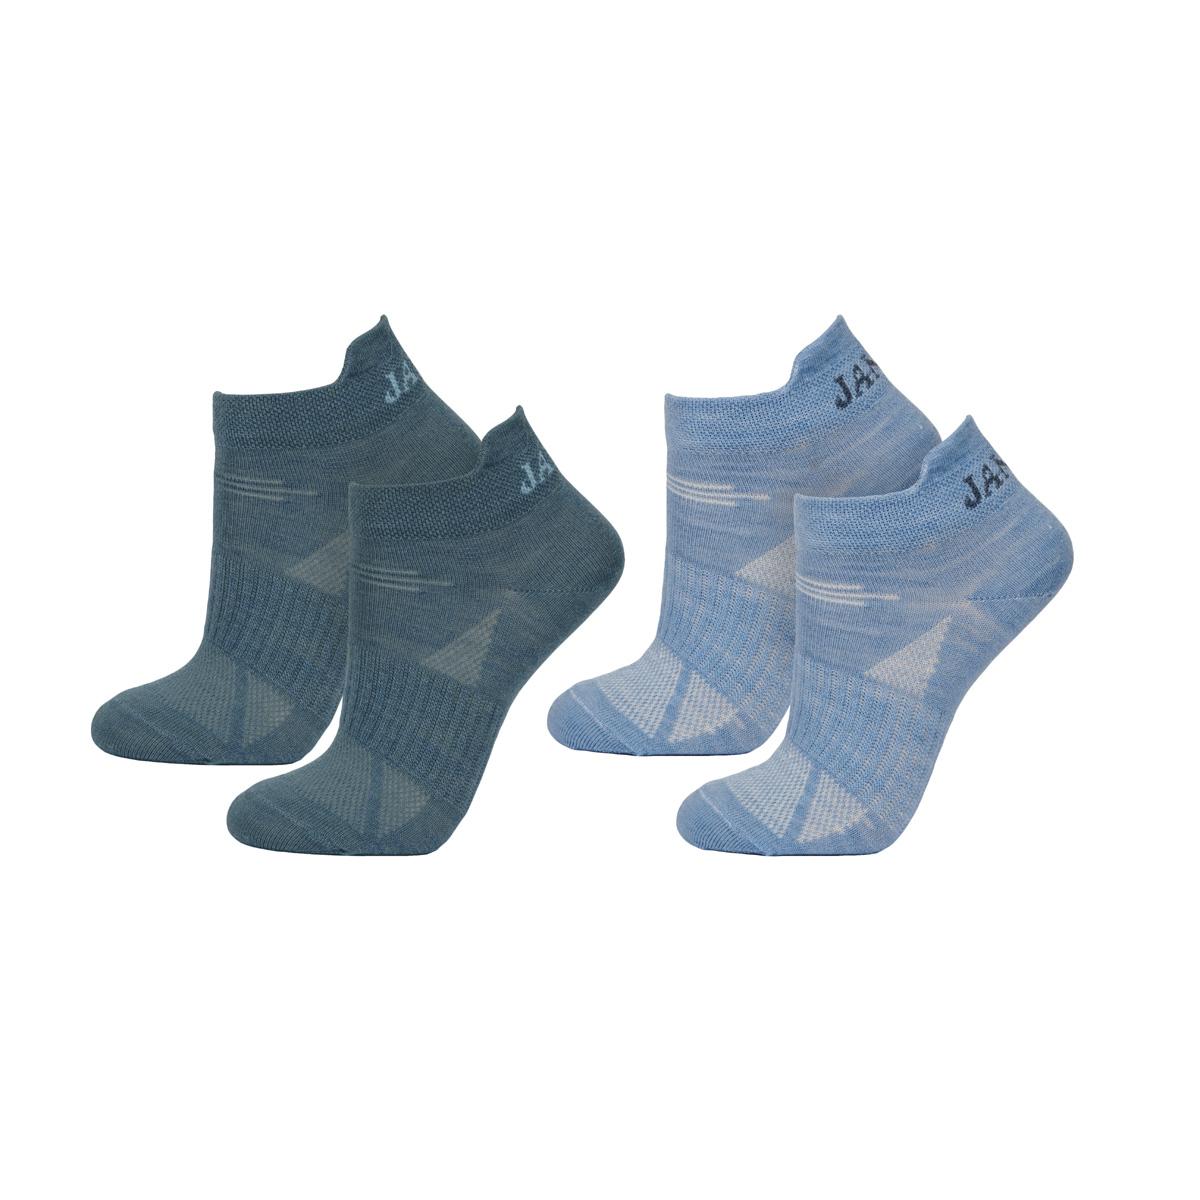 Janus ankelstrumpor kortsock meroínoull blå 2-pack